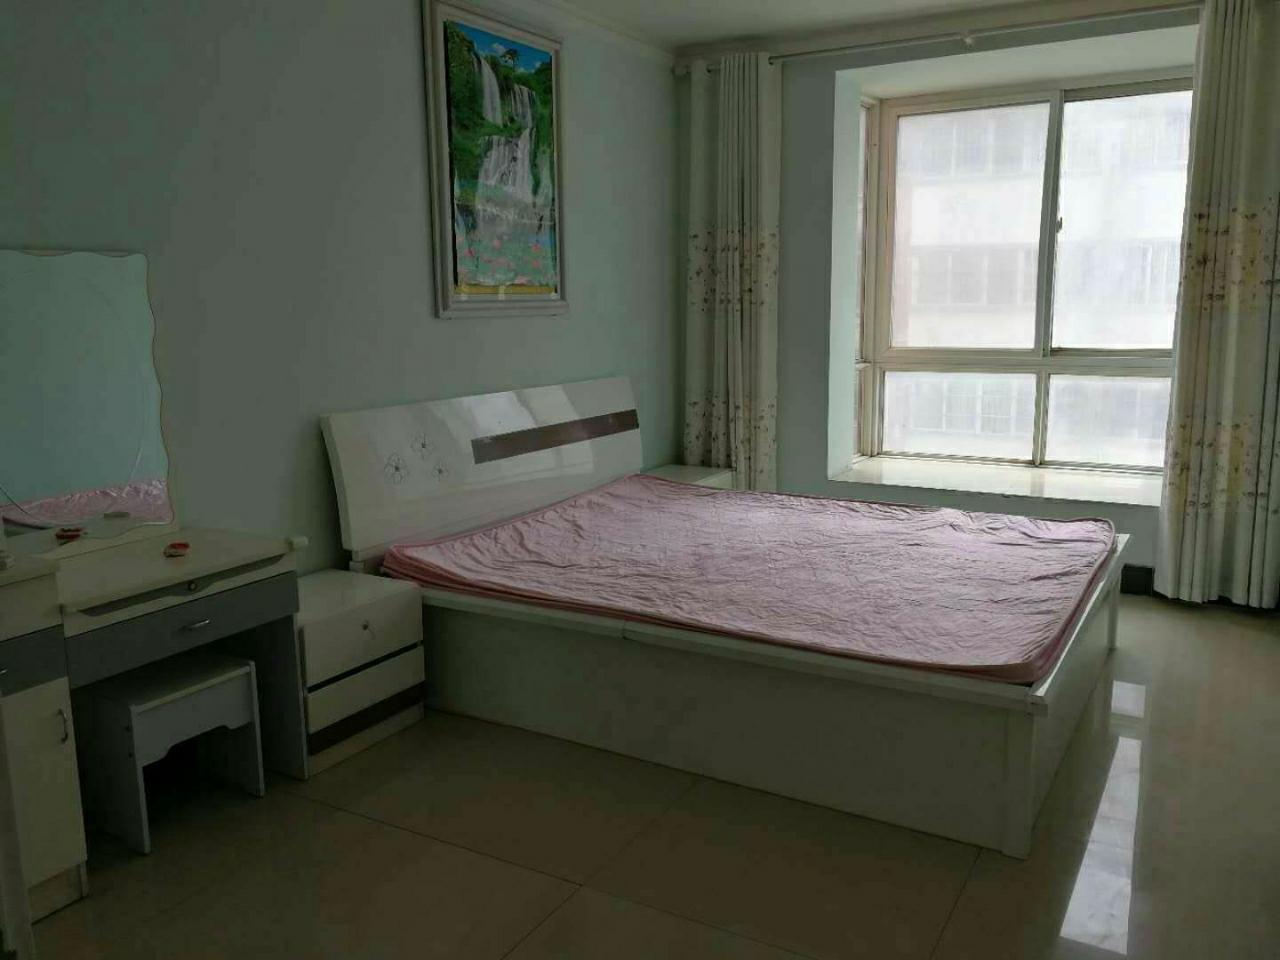 安泰家苑3室 2厅 2卫52万元